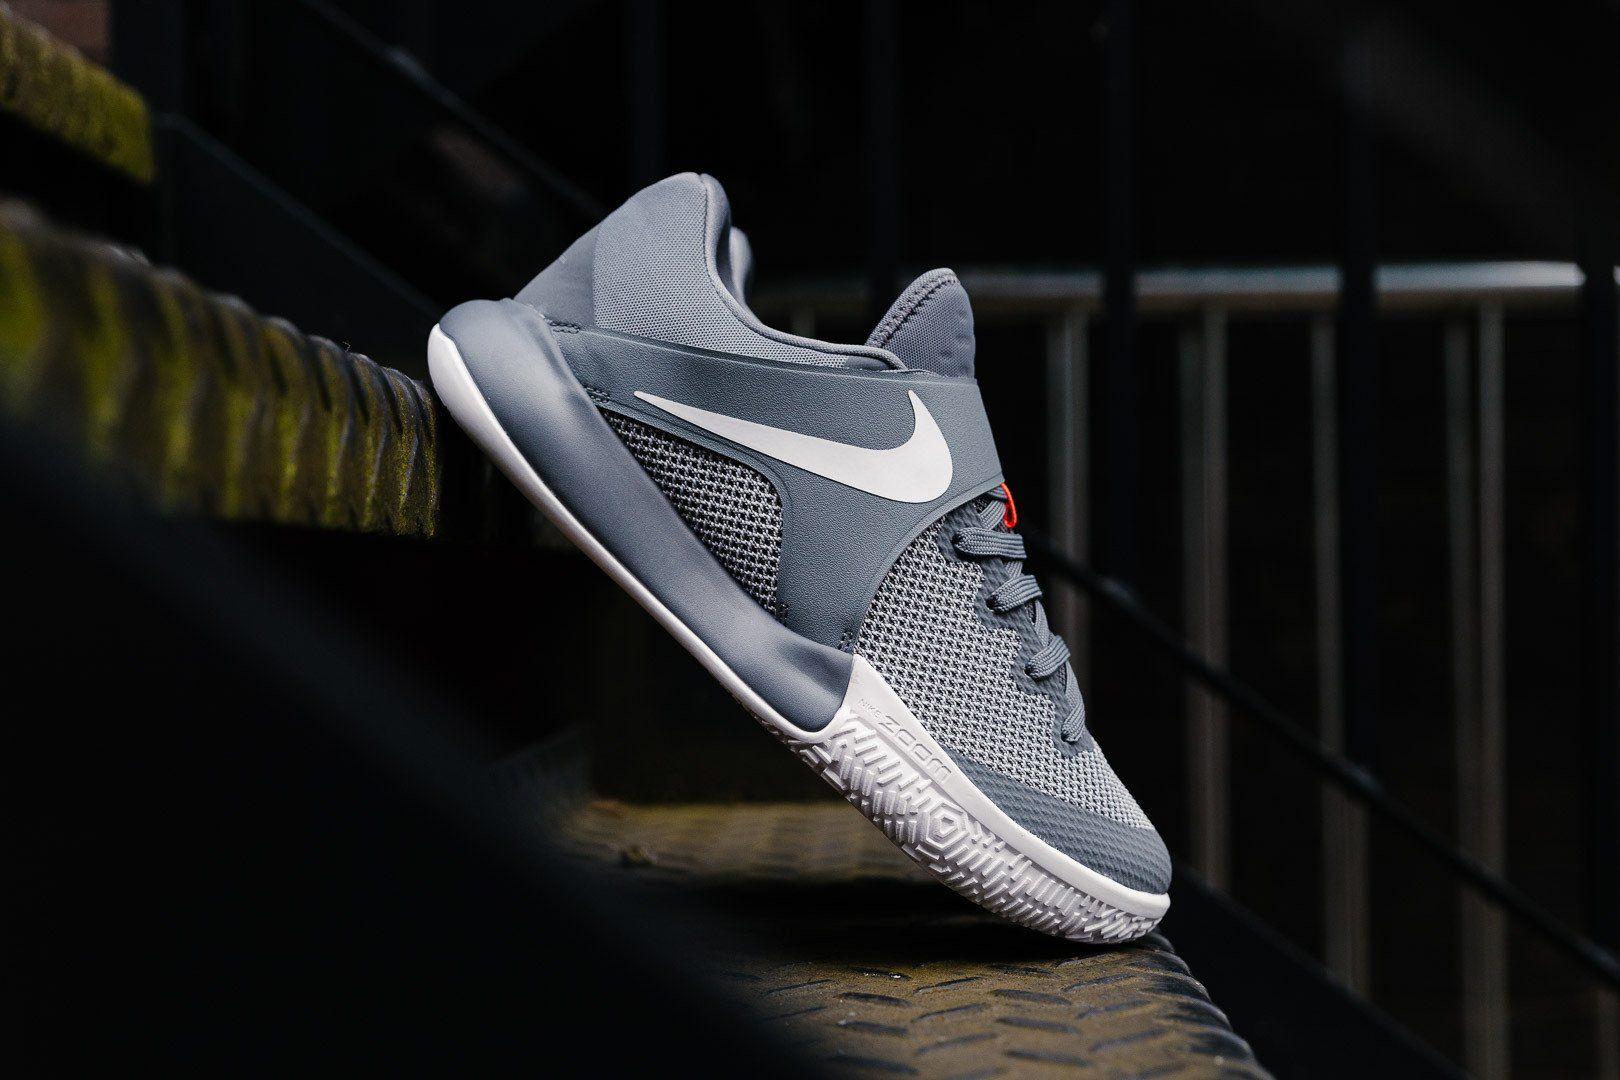 763f34528 Nike Zoom Live 852421-010 - soleheaven digital - 1 | Shoes | Nike ...